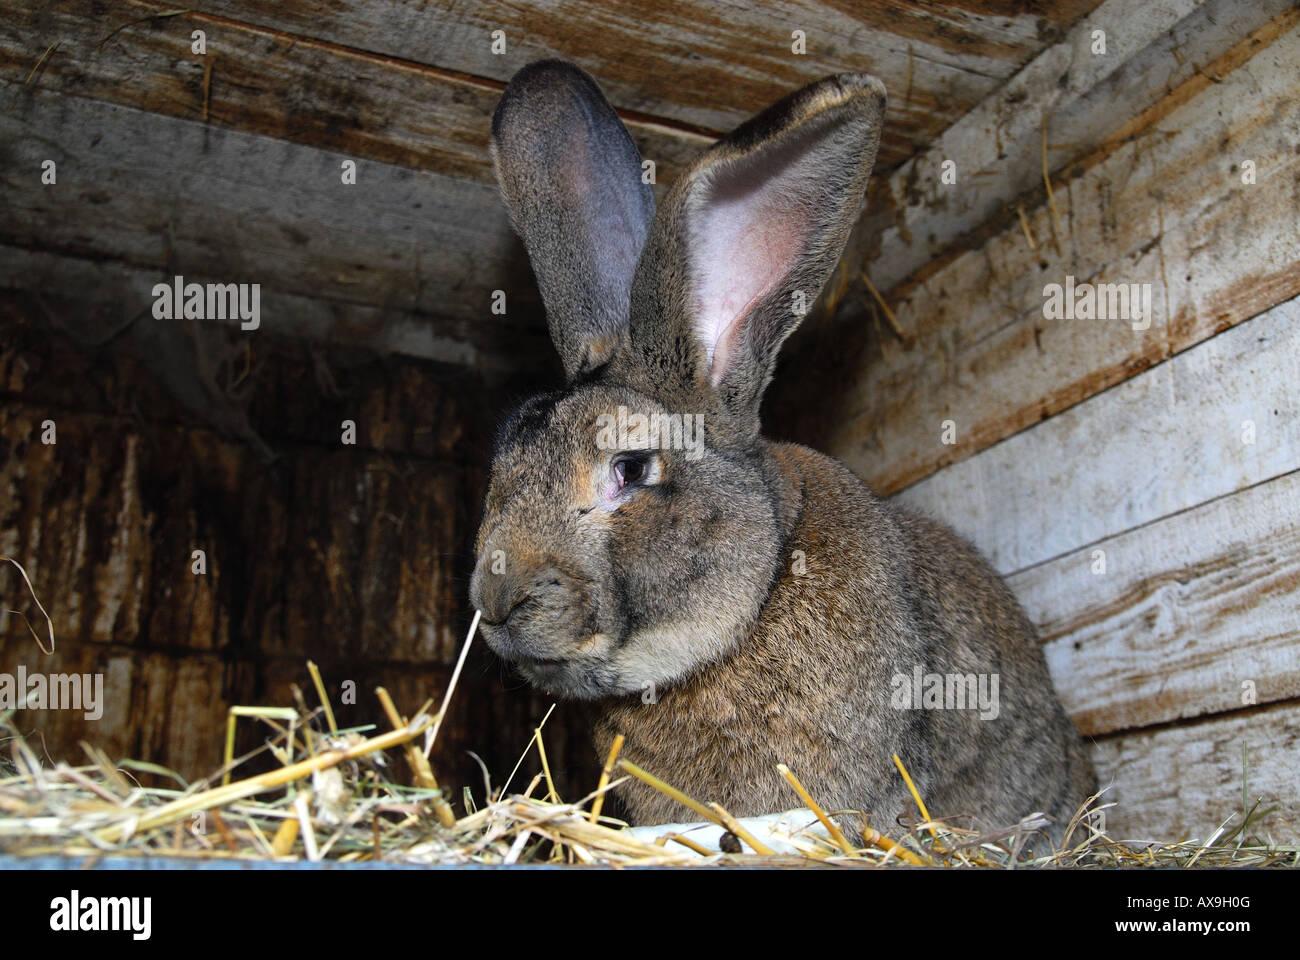 german grey giant rabbit in hutch stock photo 16773903 alamy